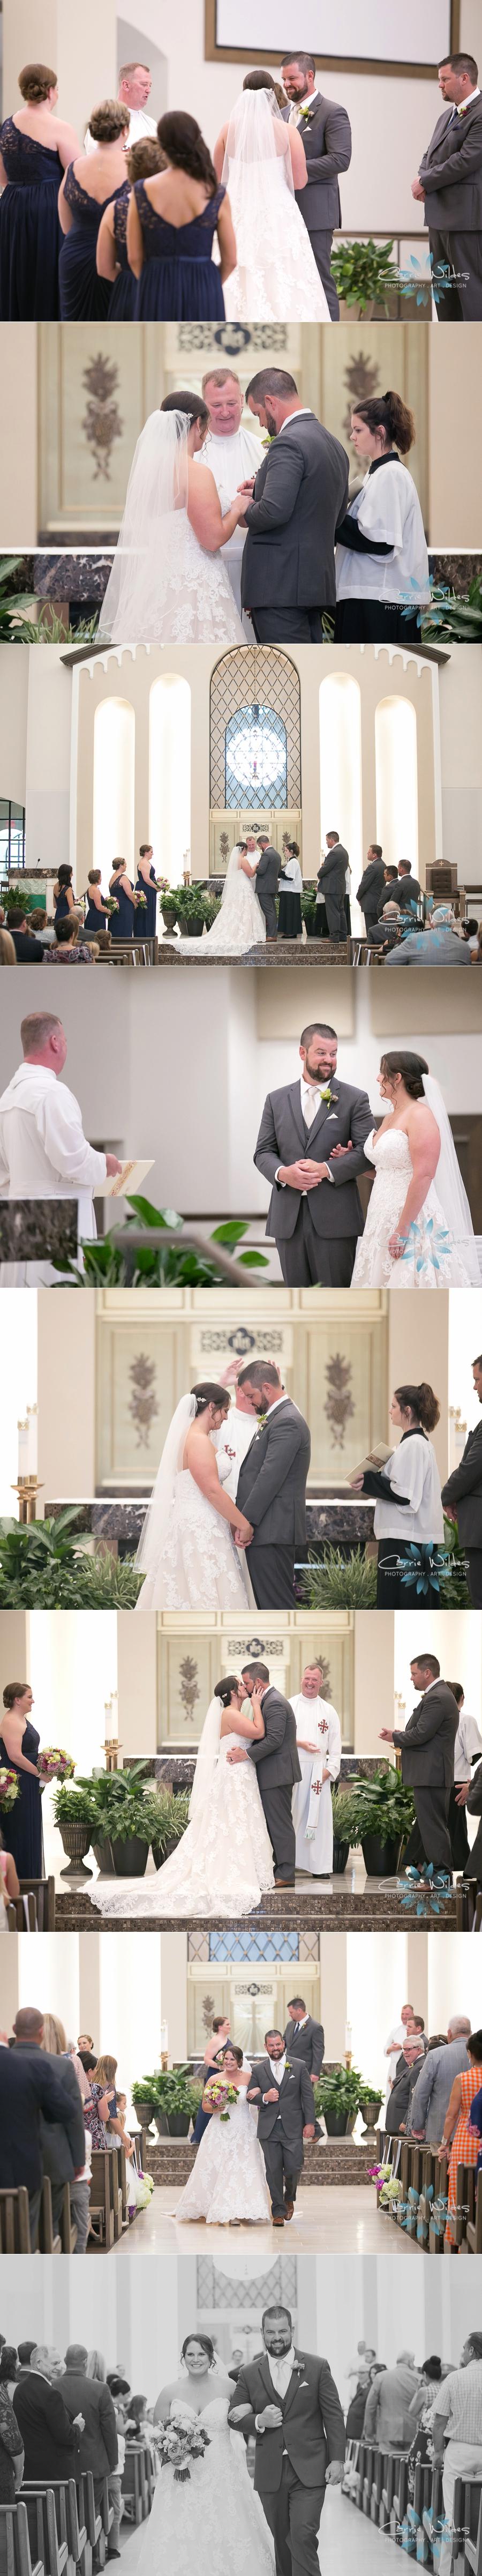 8_25_18 Christine and Matt Sheraton Tampa Brandon Wedding_0016.jpg